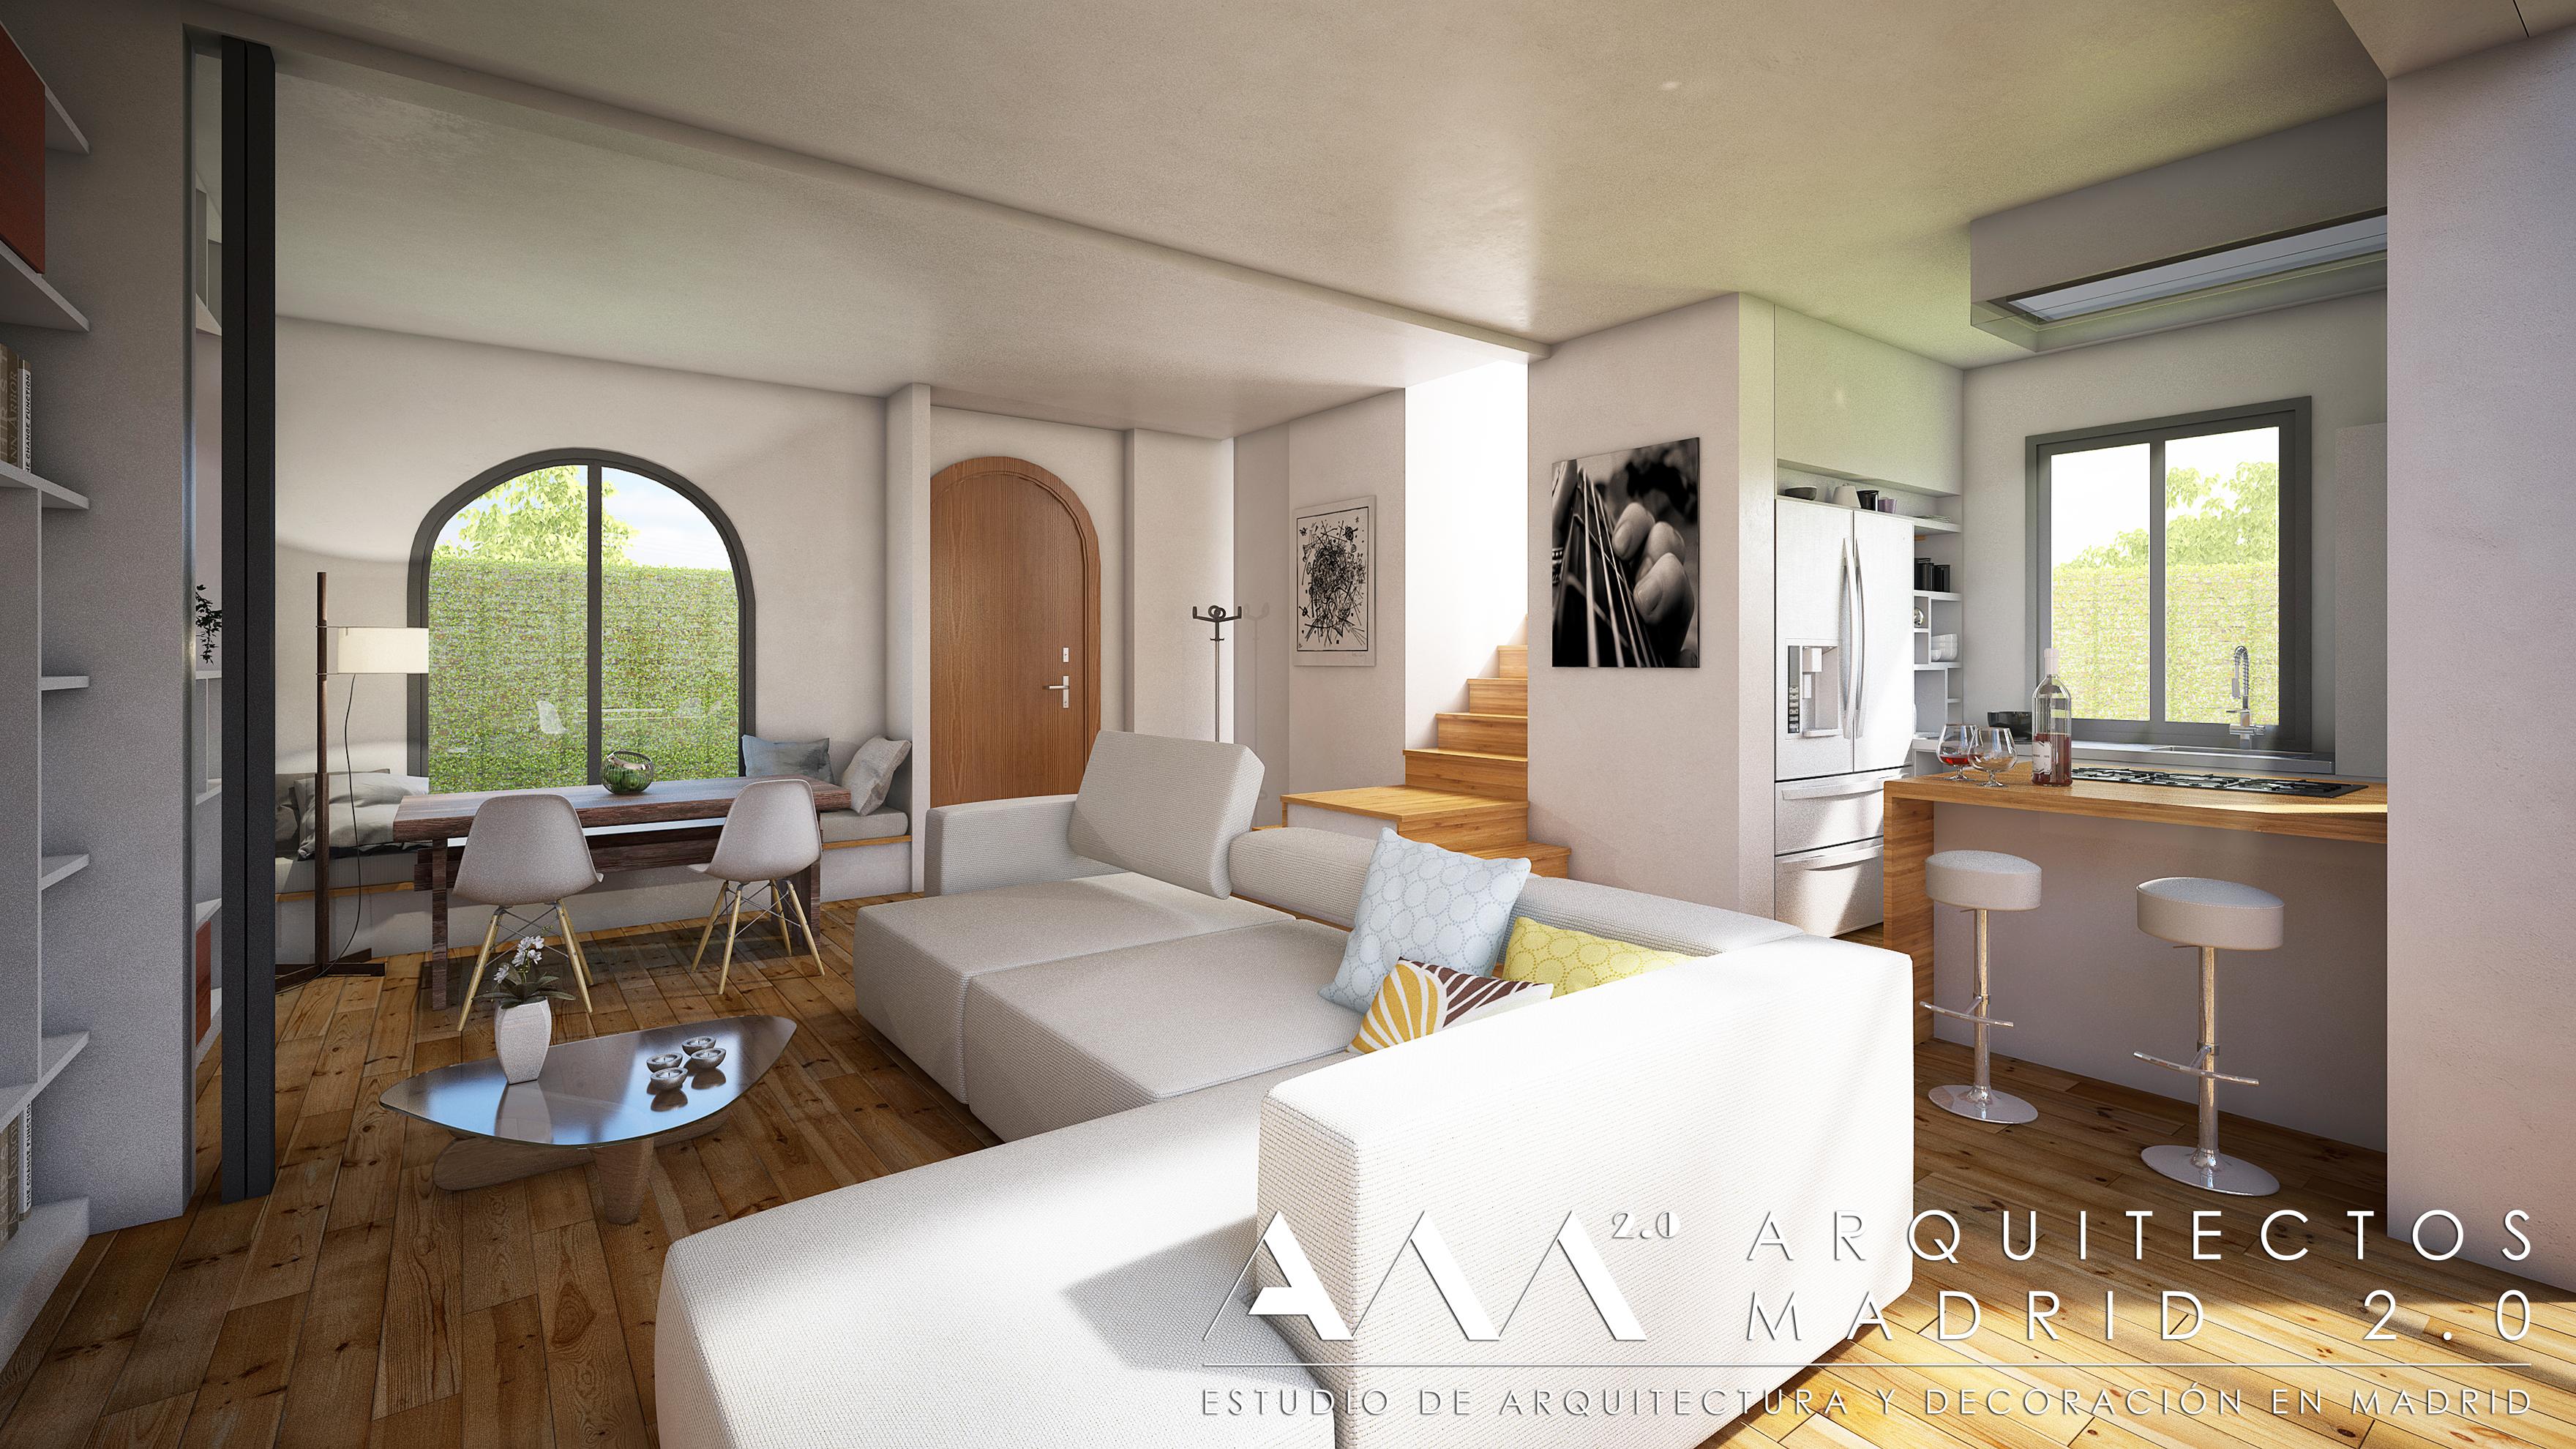 Proyecto reforma chalet archivos arquitectos madrid 2 0 - Arquitecto de interiores madrid ...